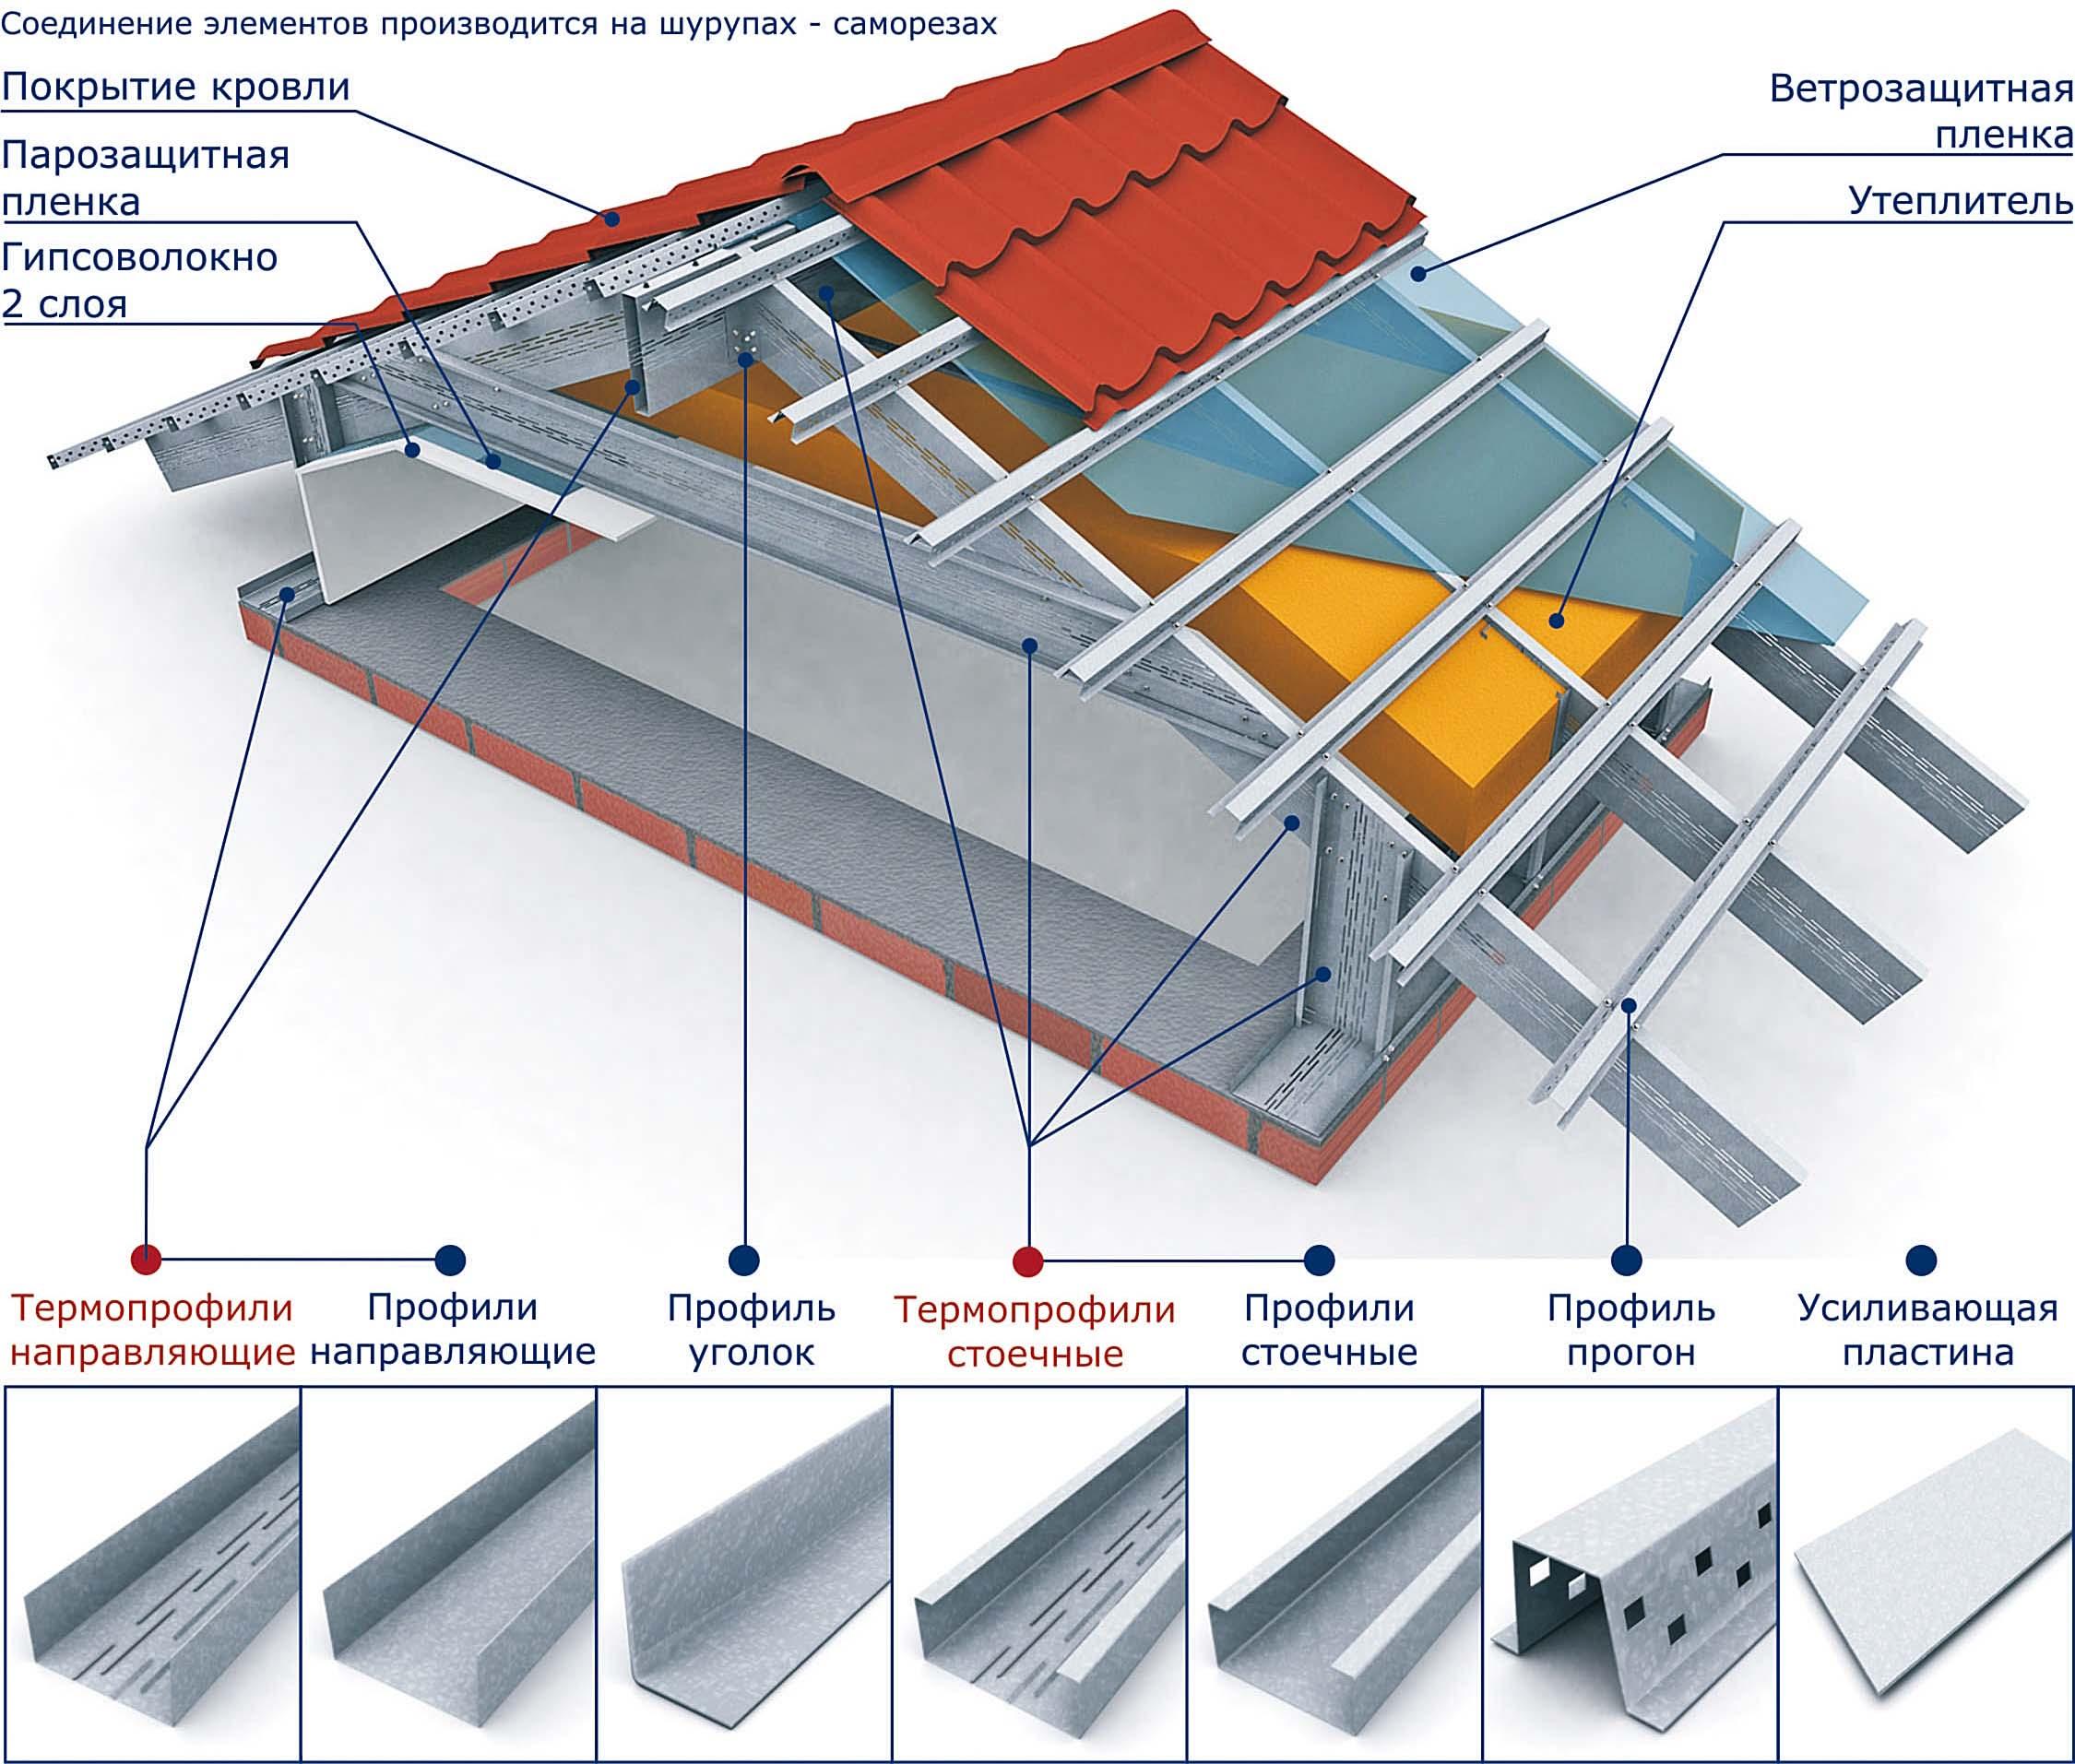 Монтаж металлических стропильных систем (лстк).